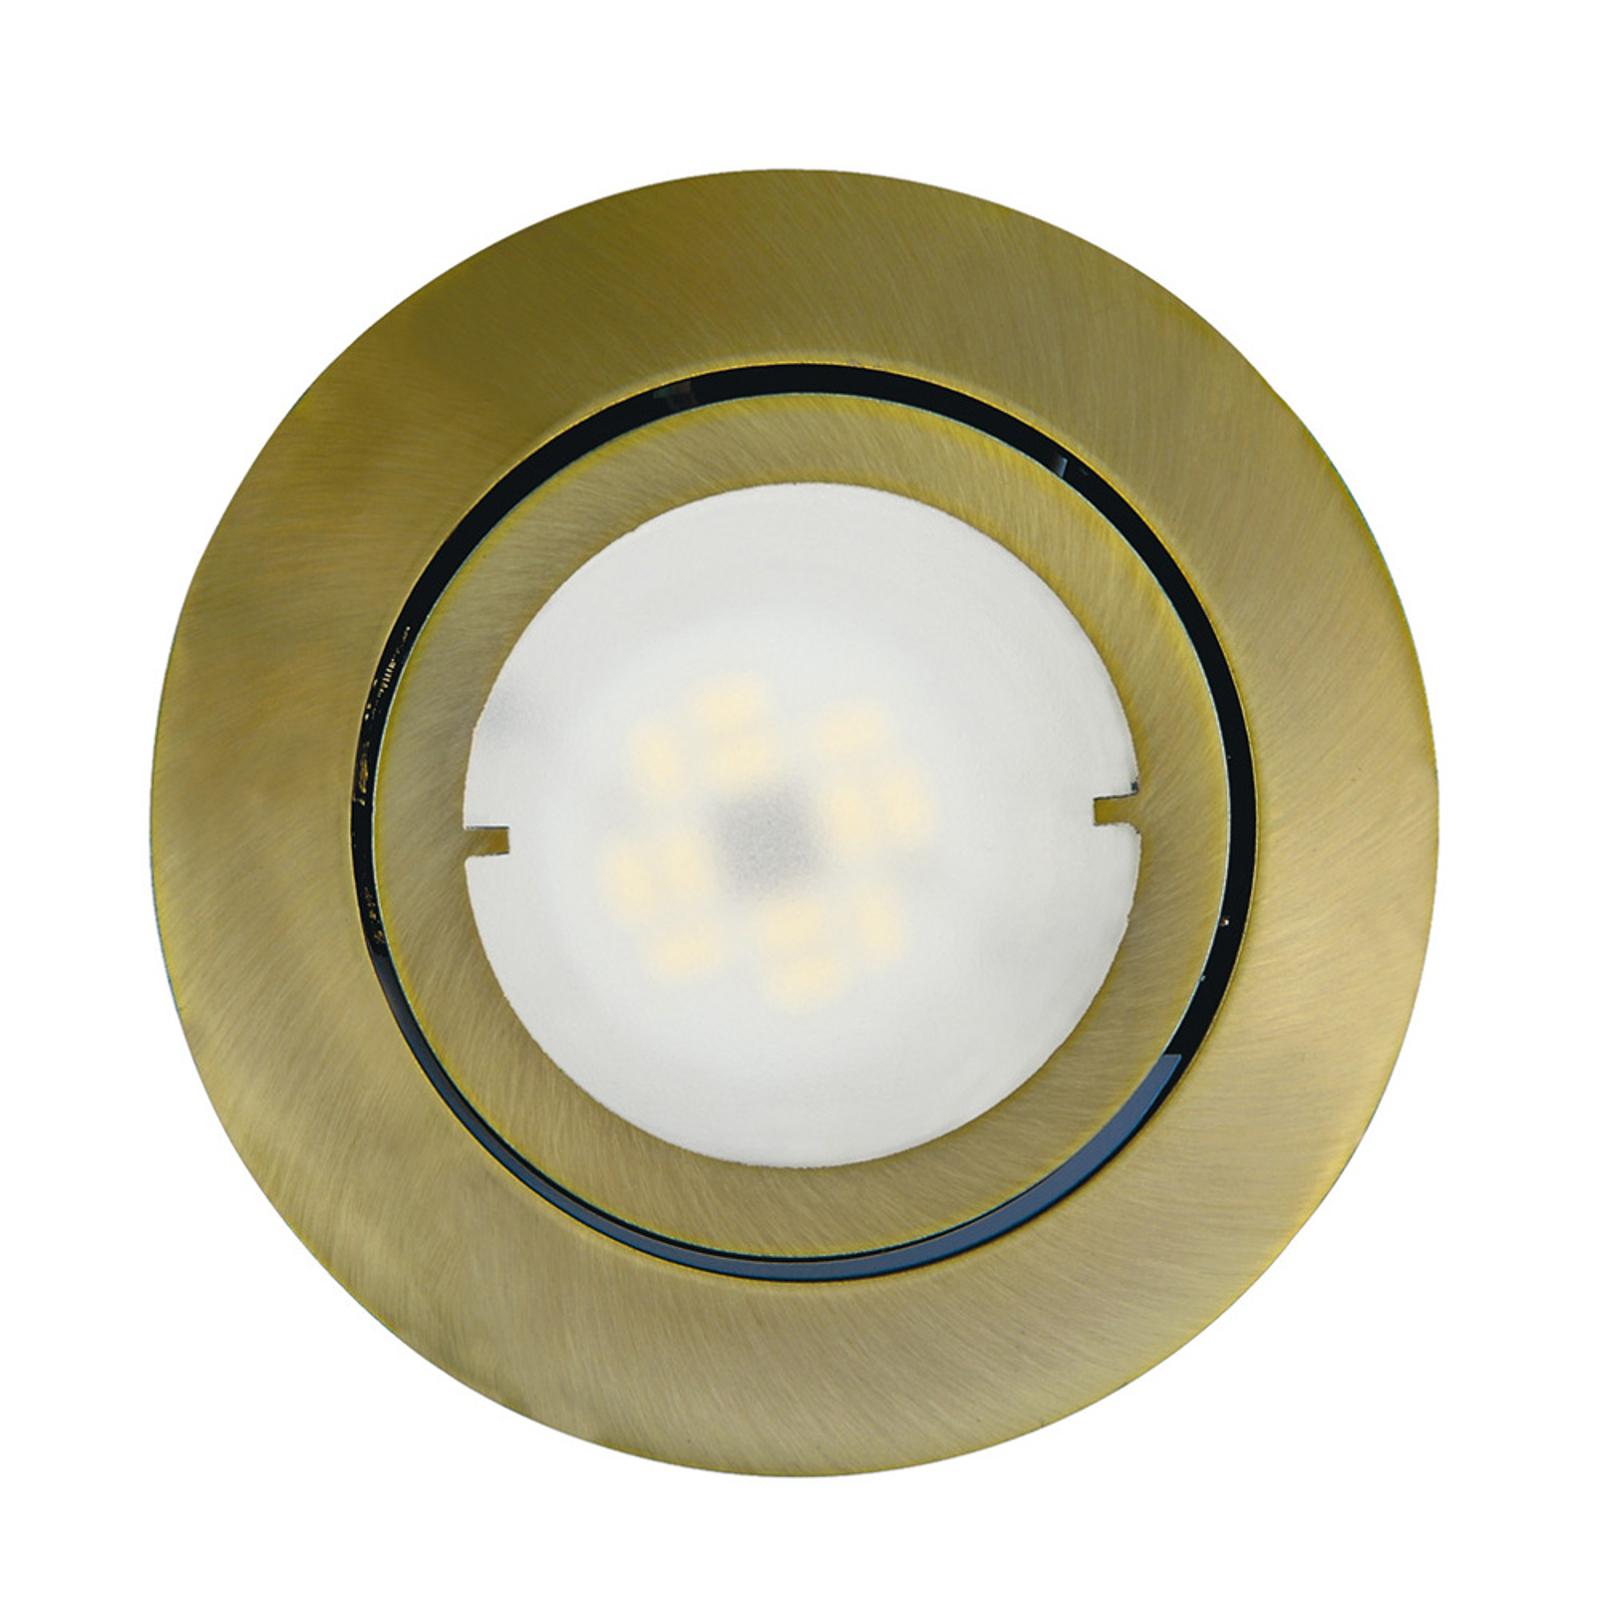 Svingbar LED-downlight Joanie, antikk messing